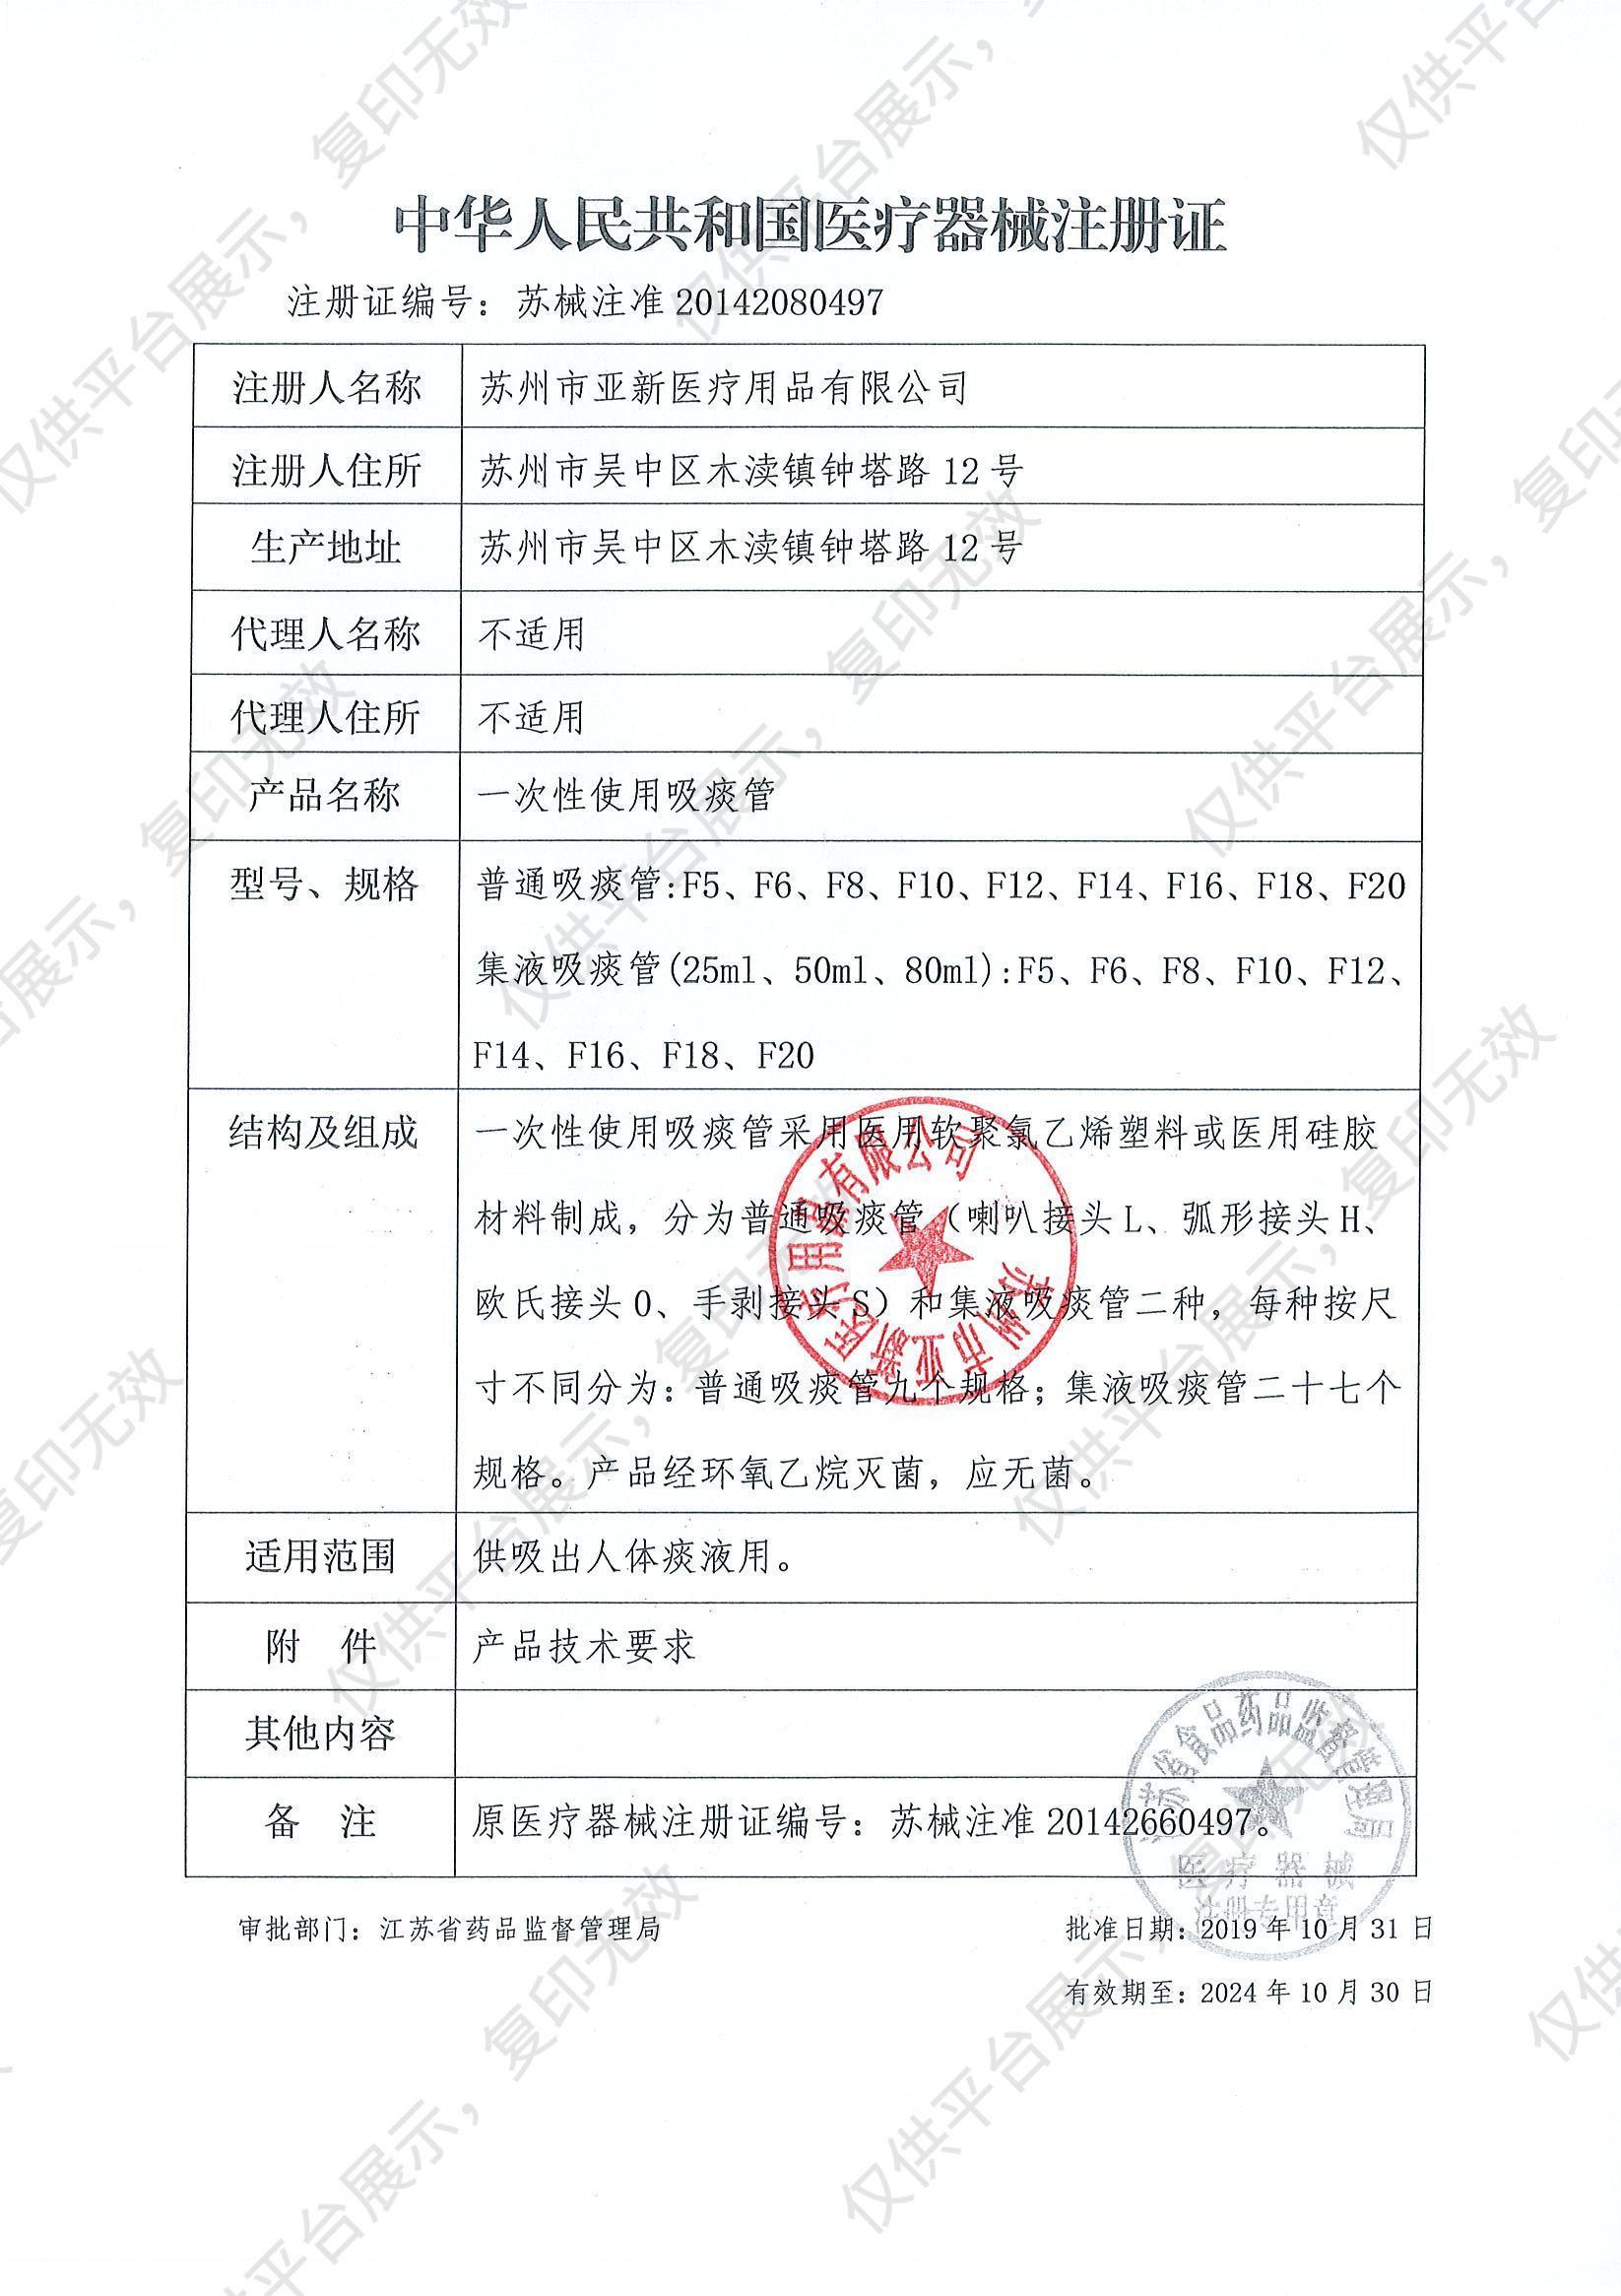 亚新YAXIN 一次性使用吸痰管 F8 PVC 普通型 (50个/包)注册证